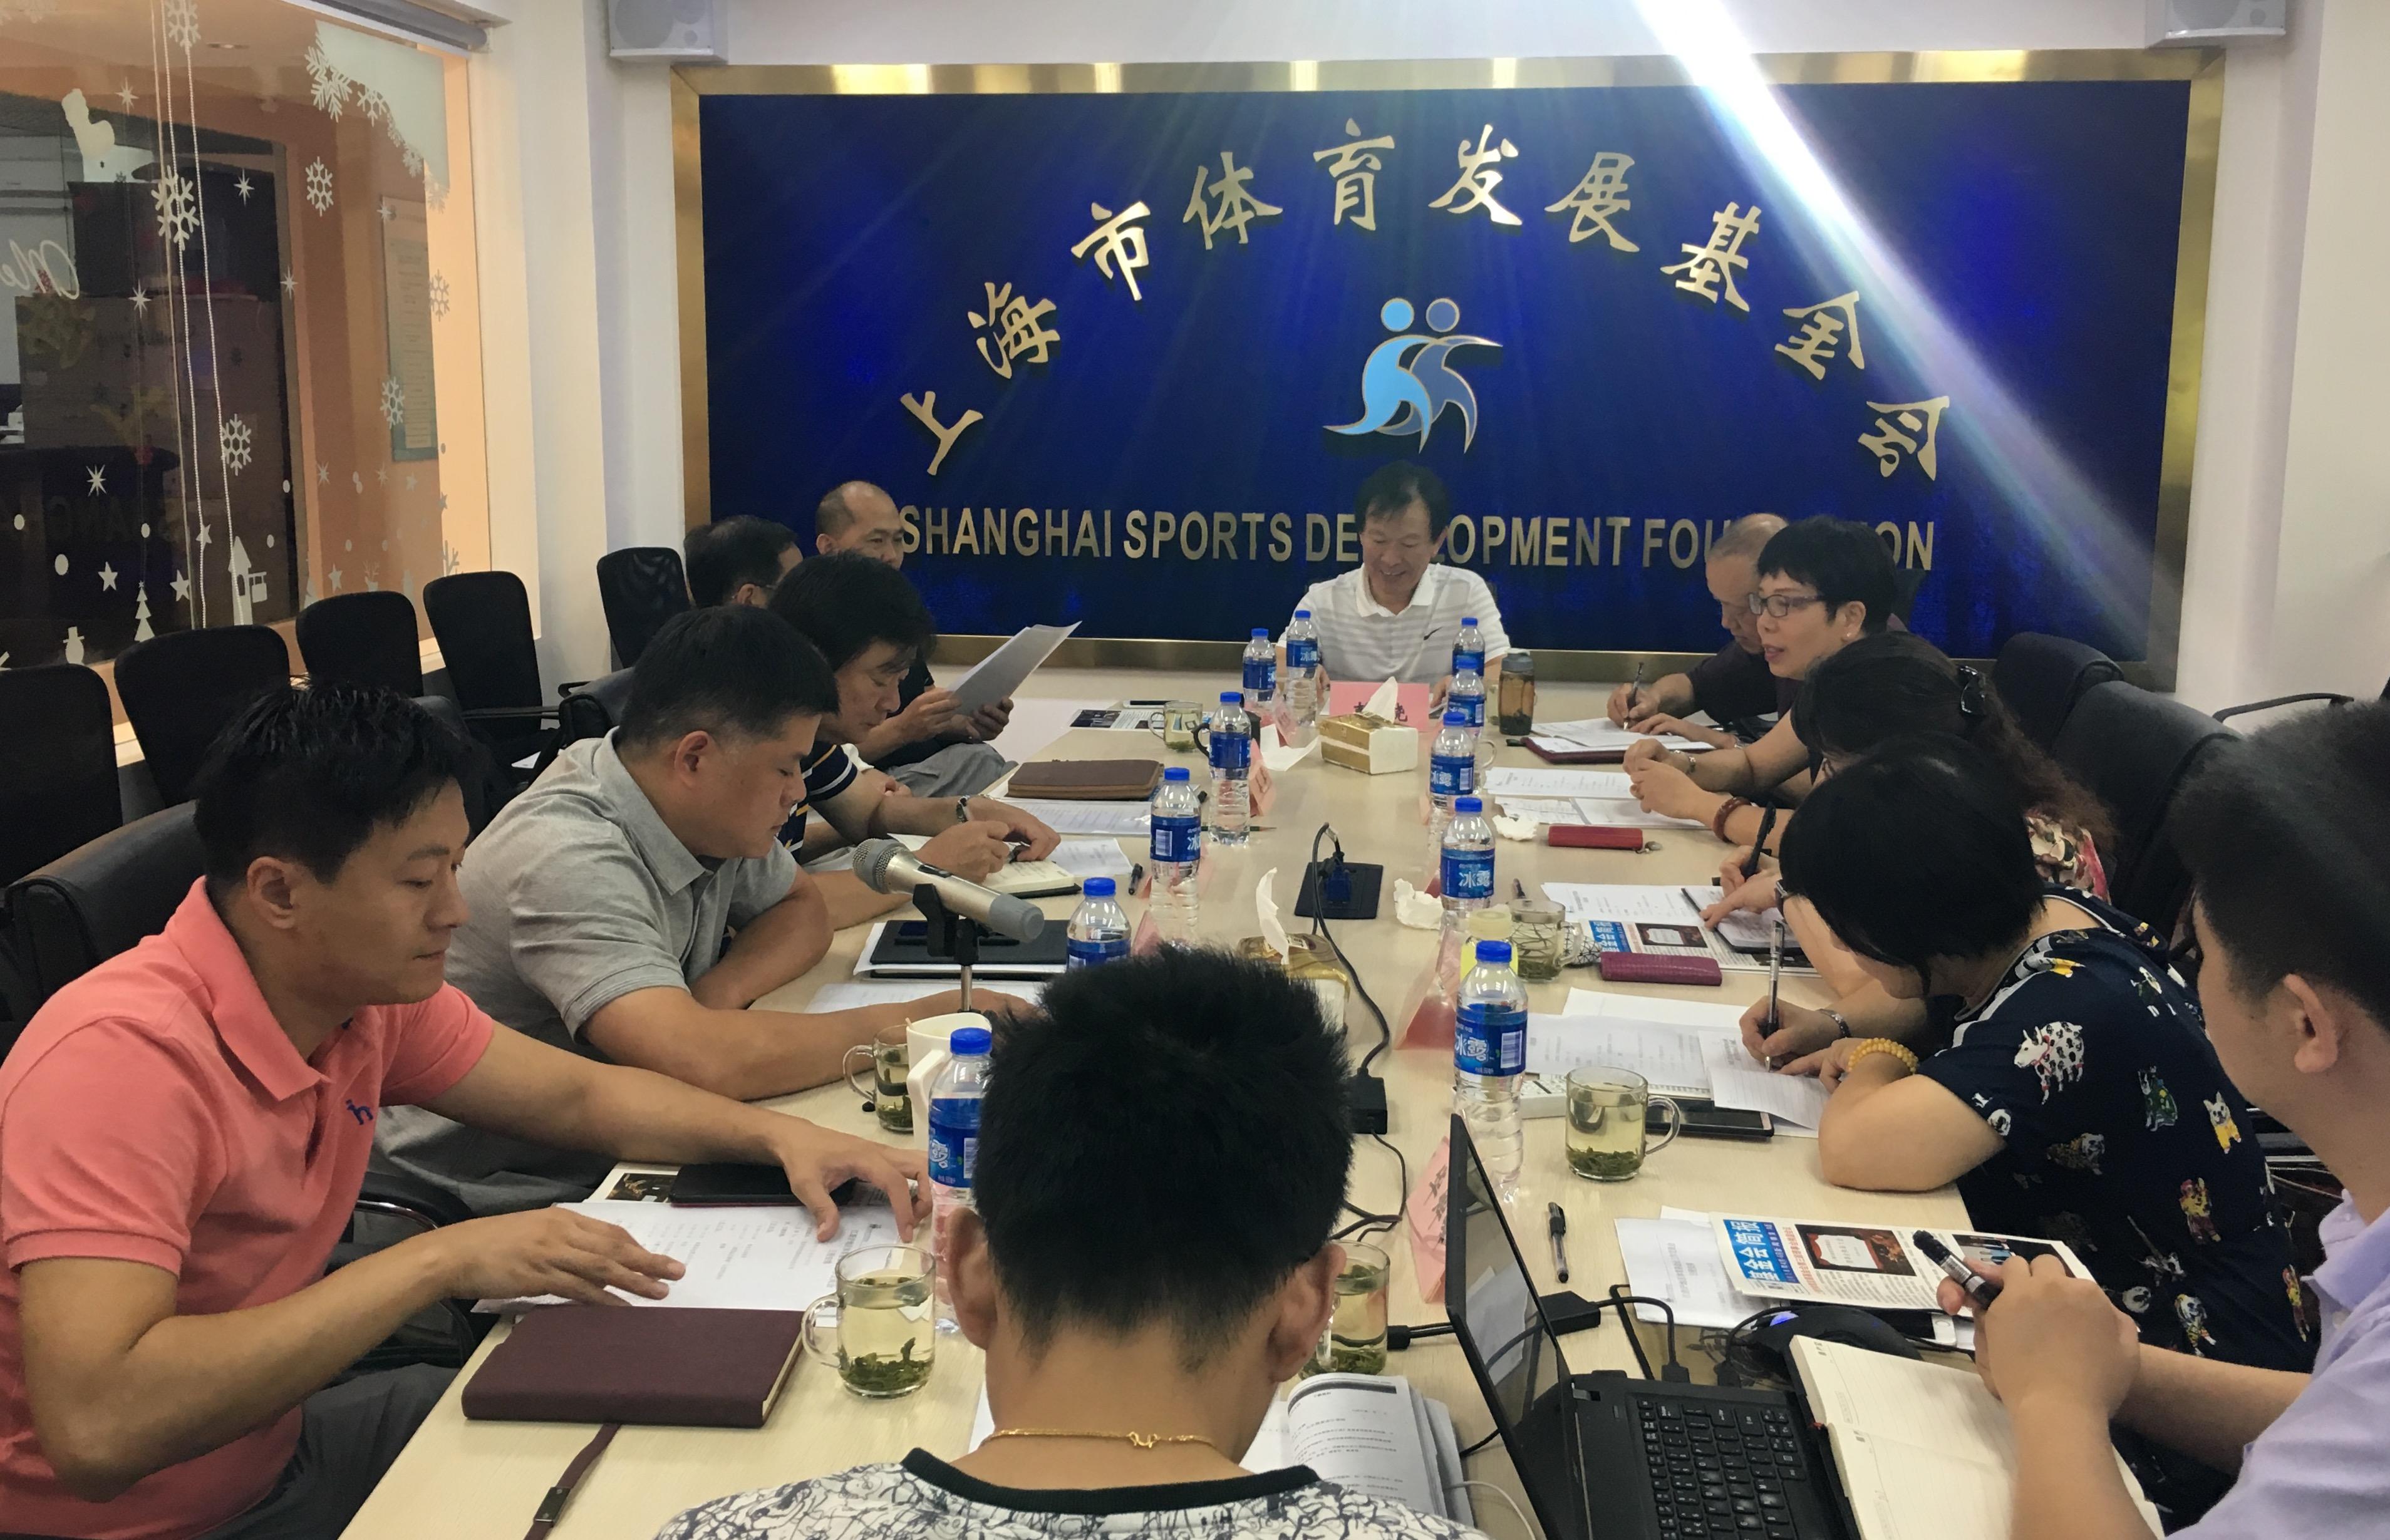 江浙沪三方会谈 共话体育基金会未来发展 专业人才队伍培养成关注点